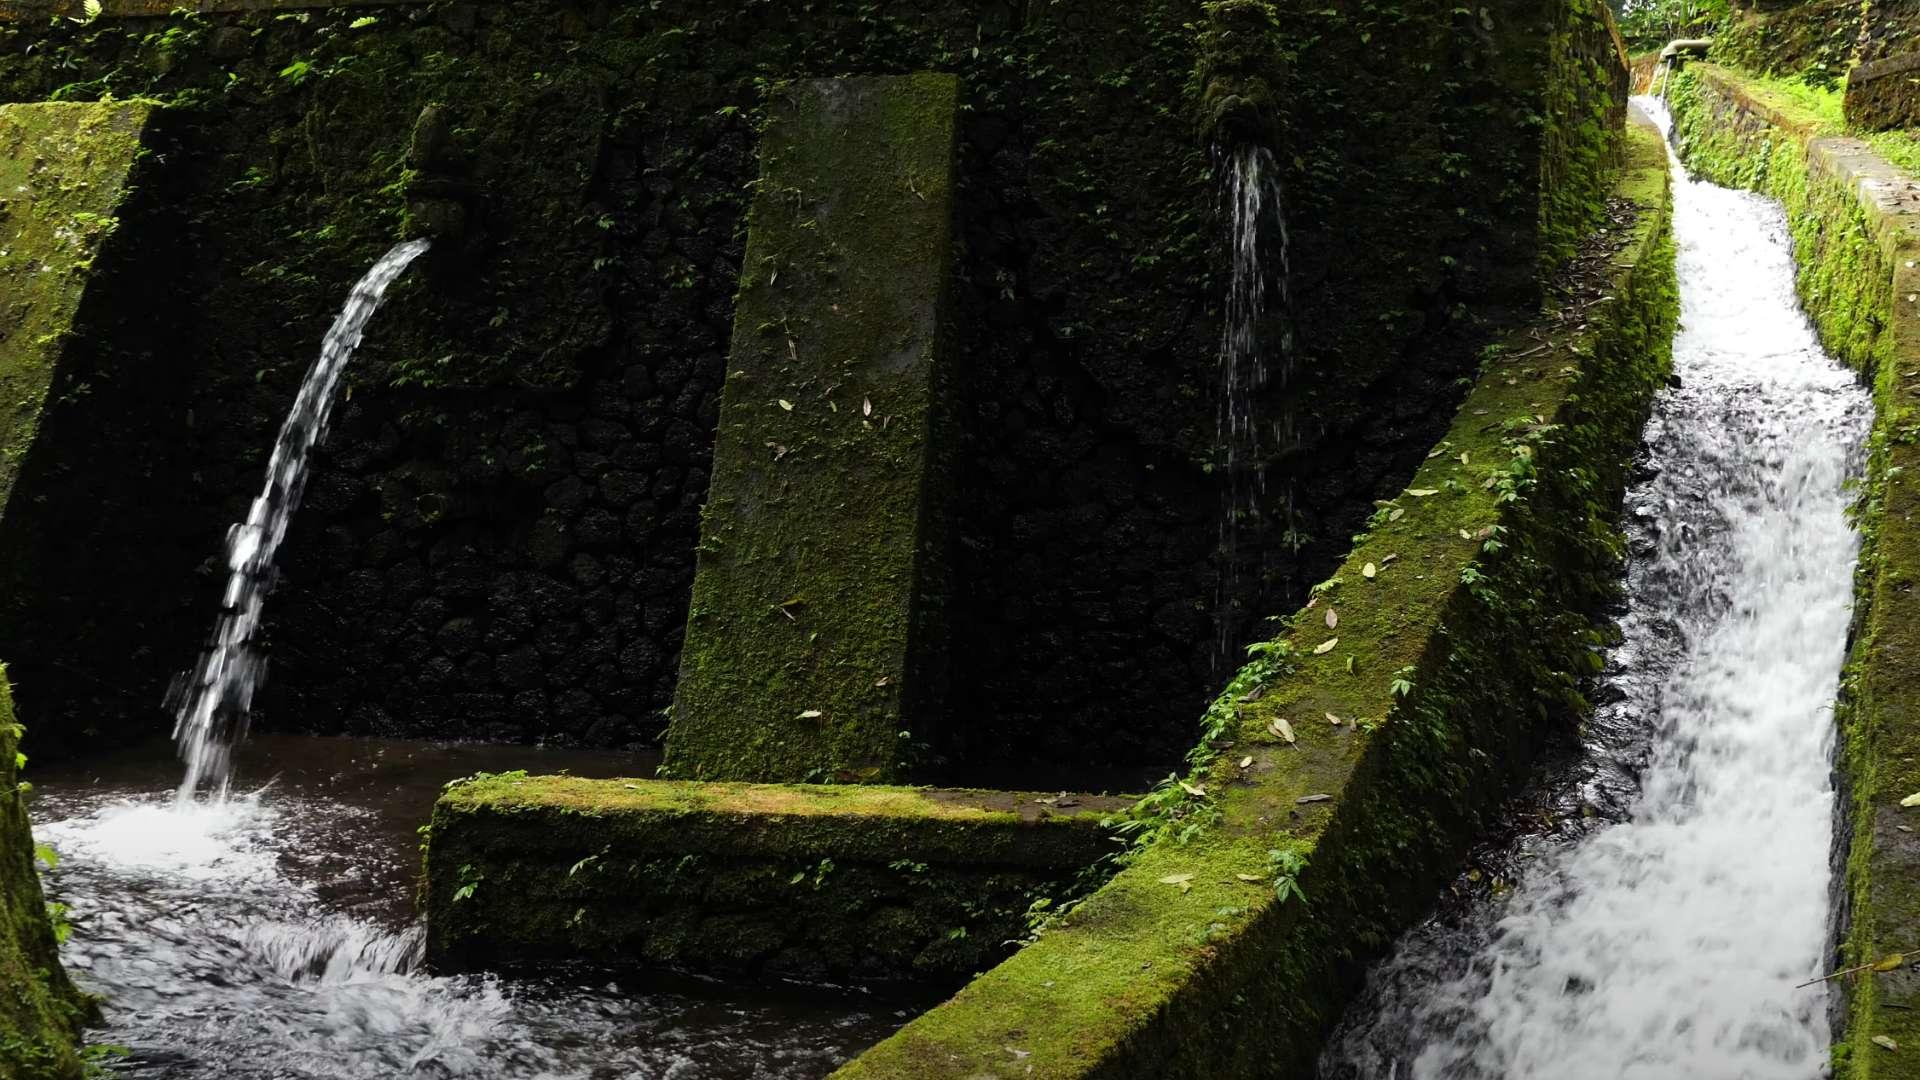 ガムランの響きと聖なる泉【RELAX WORLD】